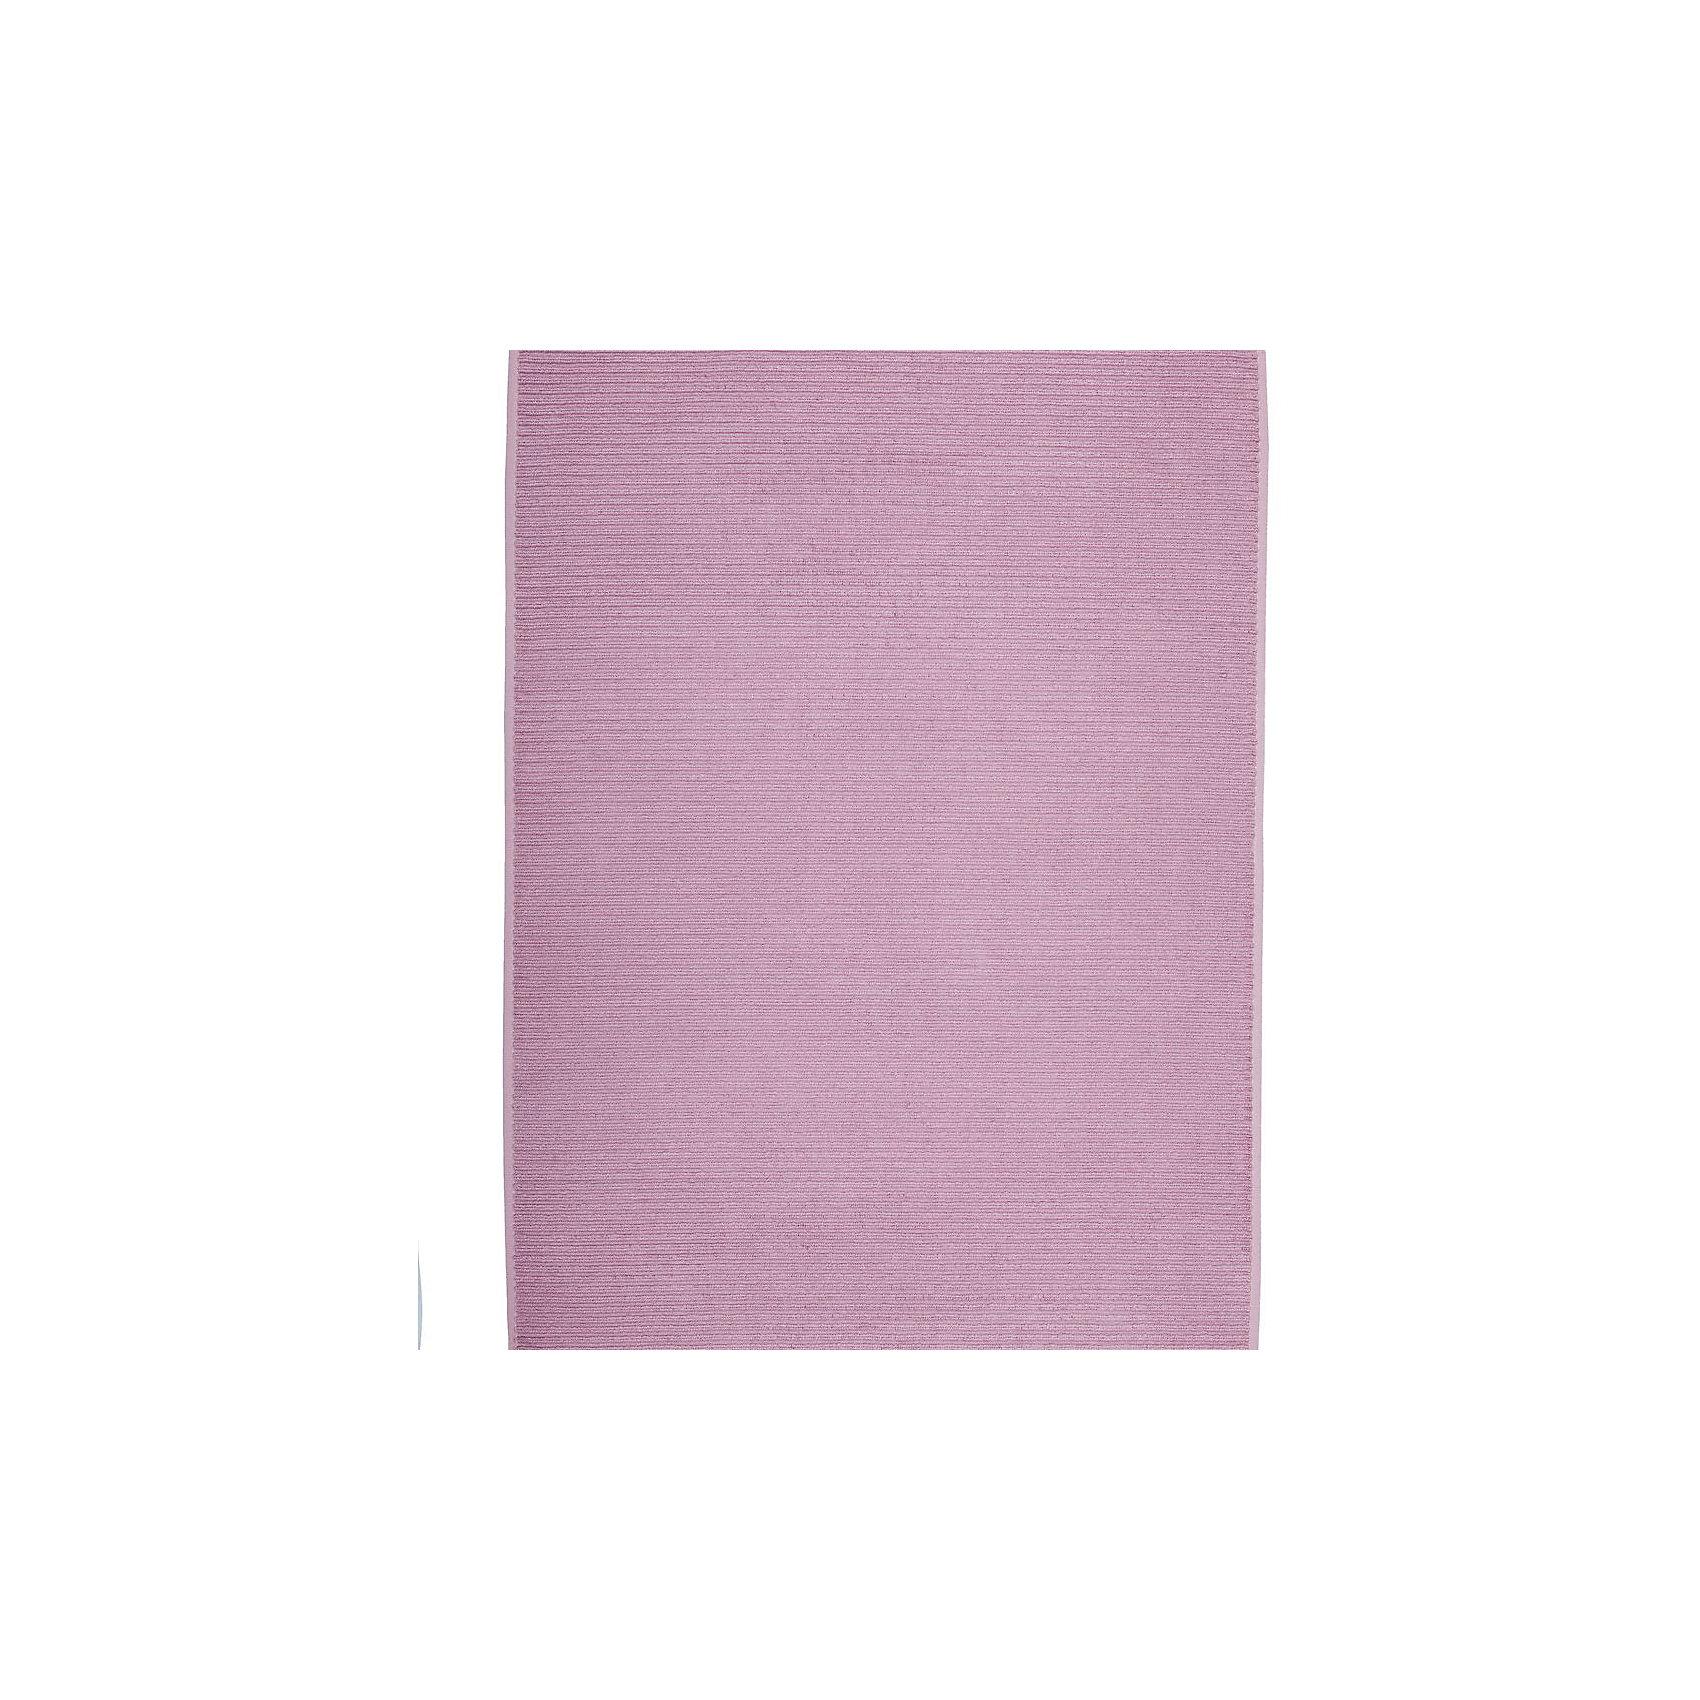 Полотенце для ног махровое Maison Bambu, 50*70, TAC, сиреневый (leylak)Ванная комната<br>Характеристики:<br><br>• Вид домашнего текстиля: махровое полотенце<br>• Размеры полотенца: 50*70 см<br>• Рисунок: без рисунка<br>• Материал: хлопок, 50% хлопок; бамбук, 50%<br>• Цвет: сиреневый<br>• Плотность полотна: 850 гр/м2 <br>• Повышенные впитывающие качества<br>• Вес: 300 г<br>• Размеры упаковки (Д*Ш*В): 25*3*25 см<br>• Особенности ухода: машинная стирка <br><br>Полотенце для ног махровое Maison Bambu, 50*70, TAC, сиреневый (leylak) от наиболее популярного бренда на отечественном рынке среди производителей комплектов постельного белья и текстильных принадлежностей, выпуском которого занимается производственная компания, являющаяся частью мирового холдинга Zorlu Holding Textiles Group. Полотенце выполнено из сочетания натурального хлопка и бамбукового волокна, что обеспечивает гипоаллергенность, высокую износоустойчивость, повышенные гигкоскопические и антибактериальные свойства изделия. <br><br>Благодаря высокой степени плотности махры, полотенце отлично впитывает влагу, но при этом остается мягким. Ворс окрашен стойкими нетоксичными красителями, который не оставляет запаха и обеспечивает ровный окрас. Полотенце сохраняет свой цвет и форму даже при частых стирках. Выполнено в сиреневом цвете без рисунка.<br><br>Полотенце для ног махровое Maison Bambu, 50*70, TAC, сиреневый (leylak) можно купить в нашем интернет-магазине.<br><br>Ширина мм: 250<br>Глубина мм: 30<br>Высота мм: 250<br>Вес г: 400<br>Возраст от месяцев: 216<br>Возраст до месяцев: 1188<br>Пол: Унисекс<br>Возраст: Детский<br>SKU: 5476344